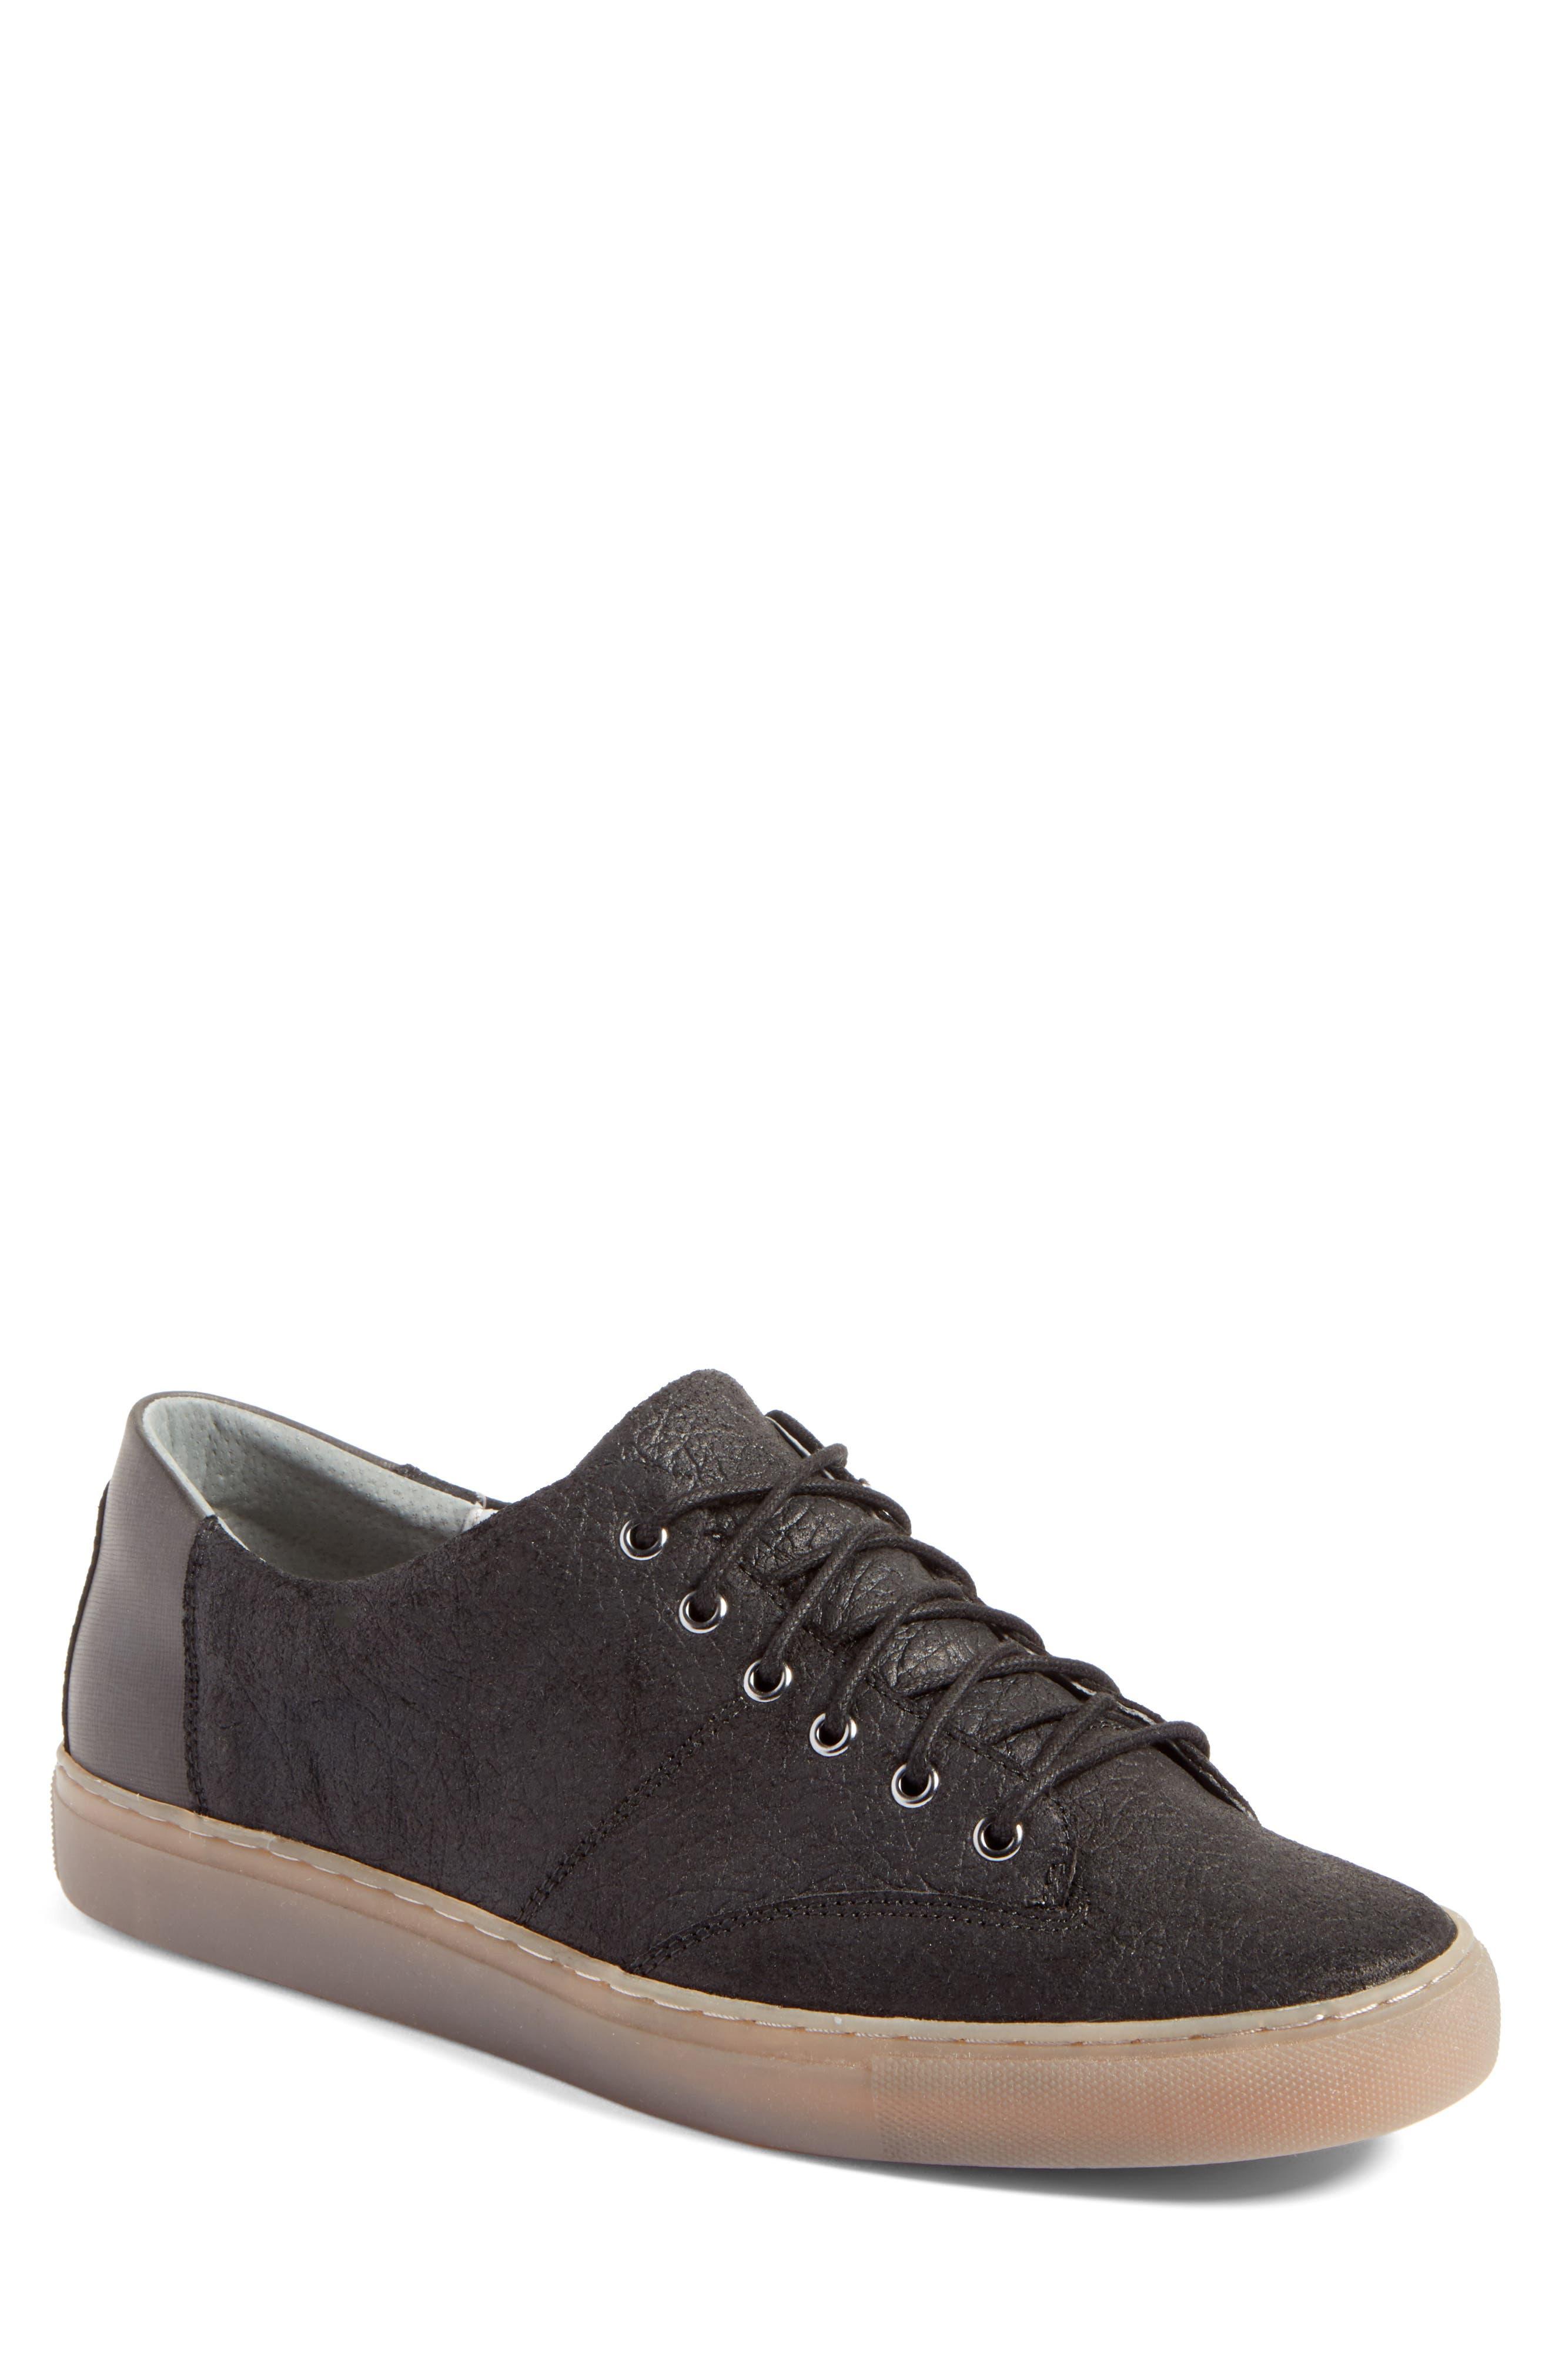 Cooper Sneaker,                         Main,                         color, Black Rhino